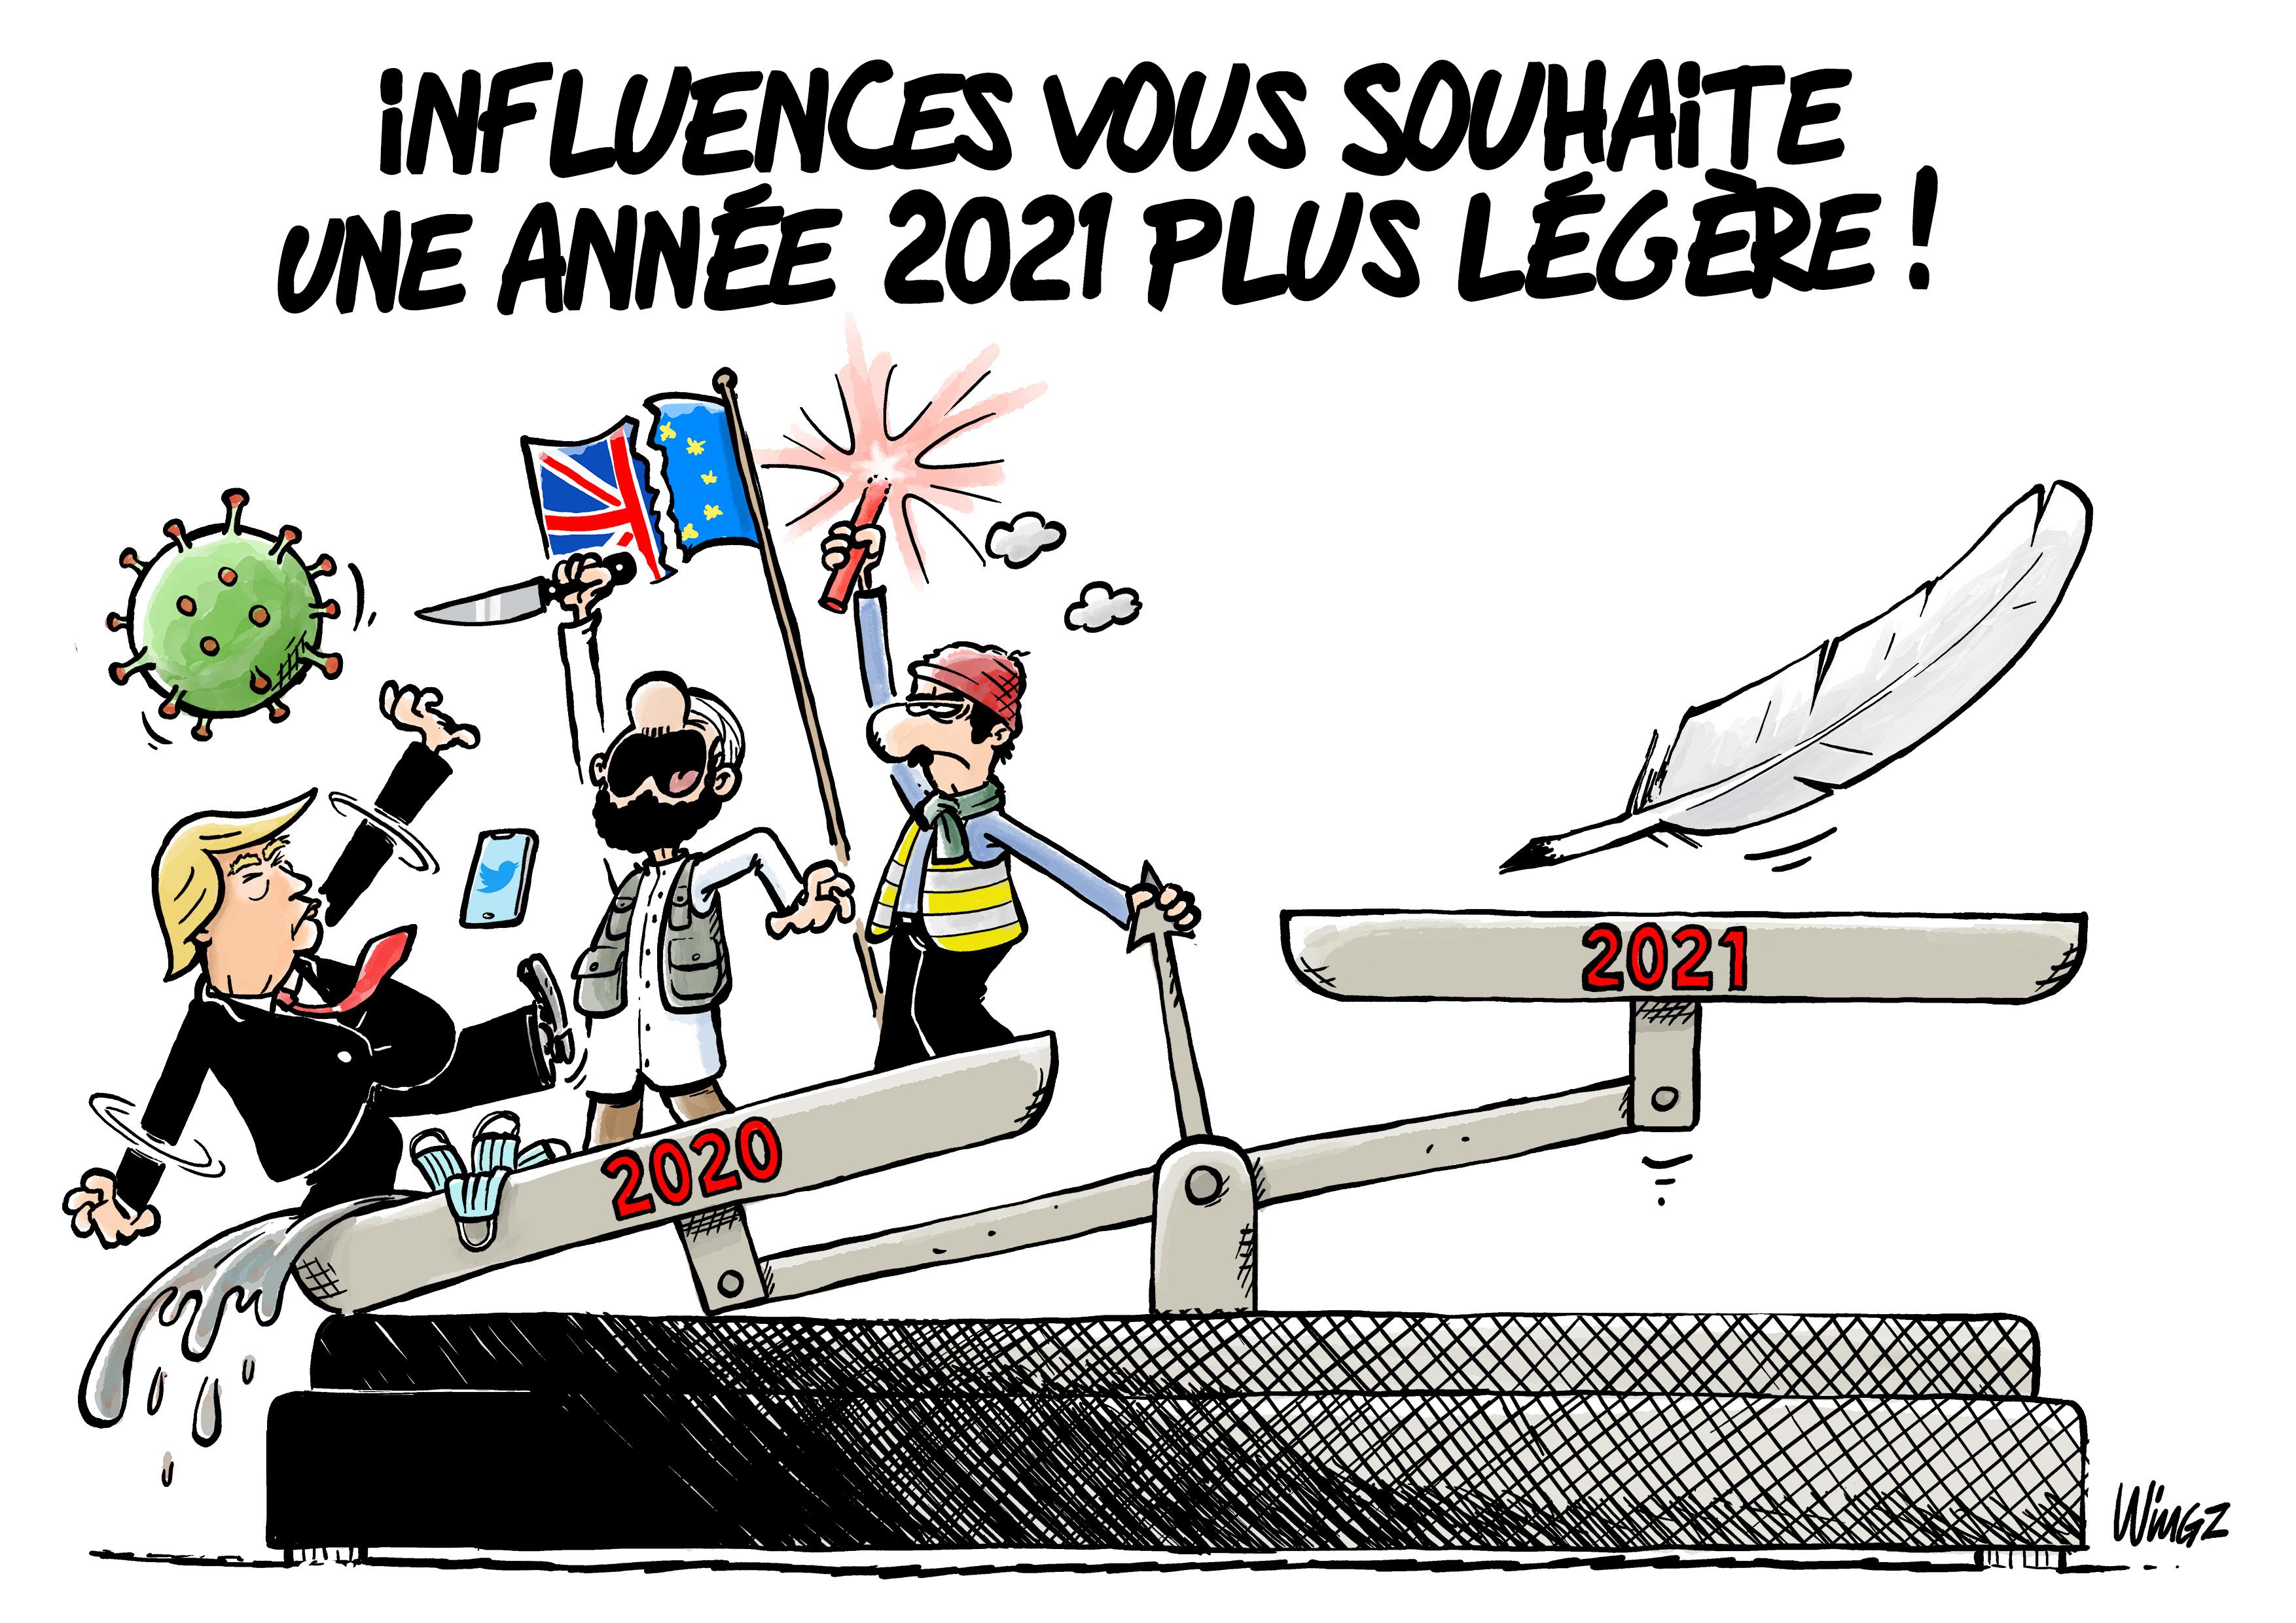 INFLUENCES VOUS SOUHAITE UNE ANNEE 2021 PLUS LEGERE